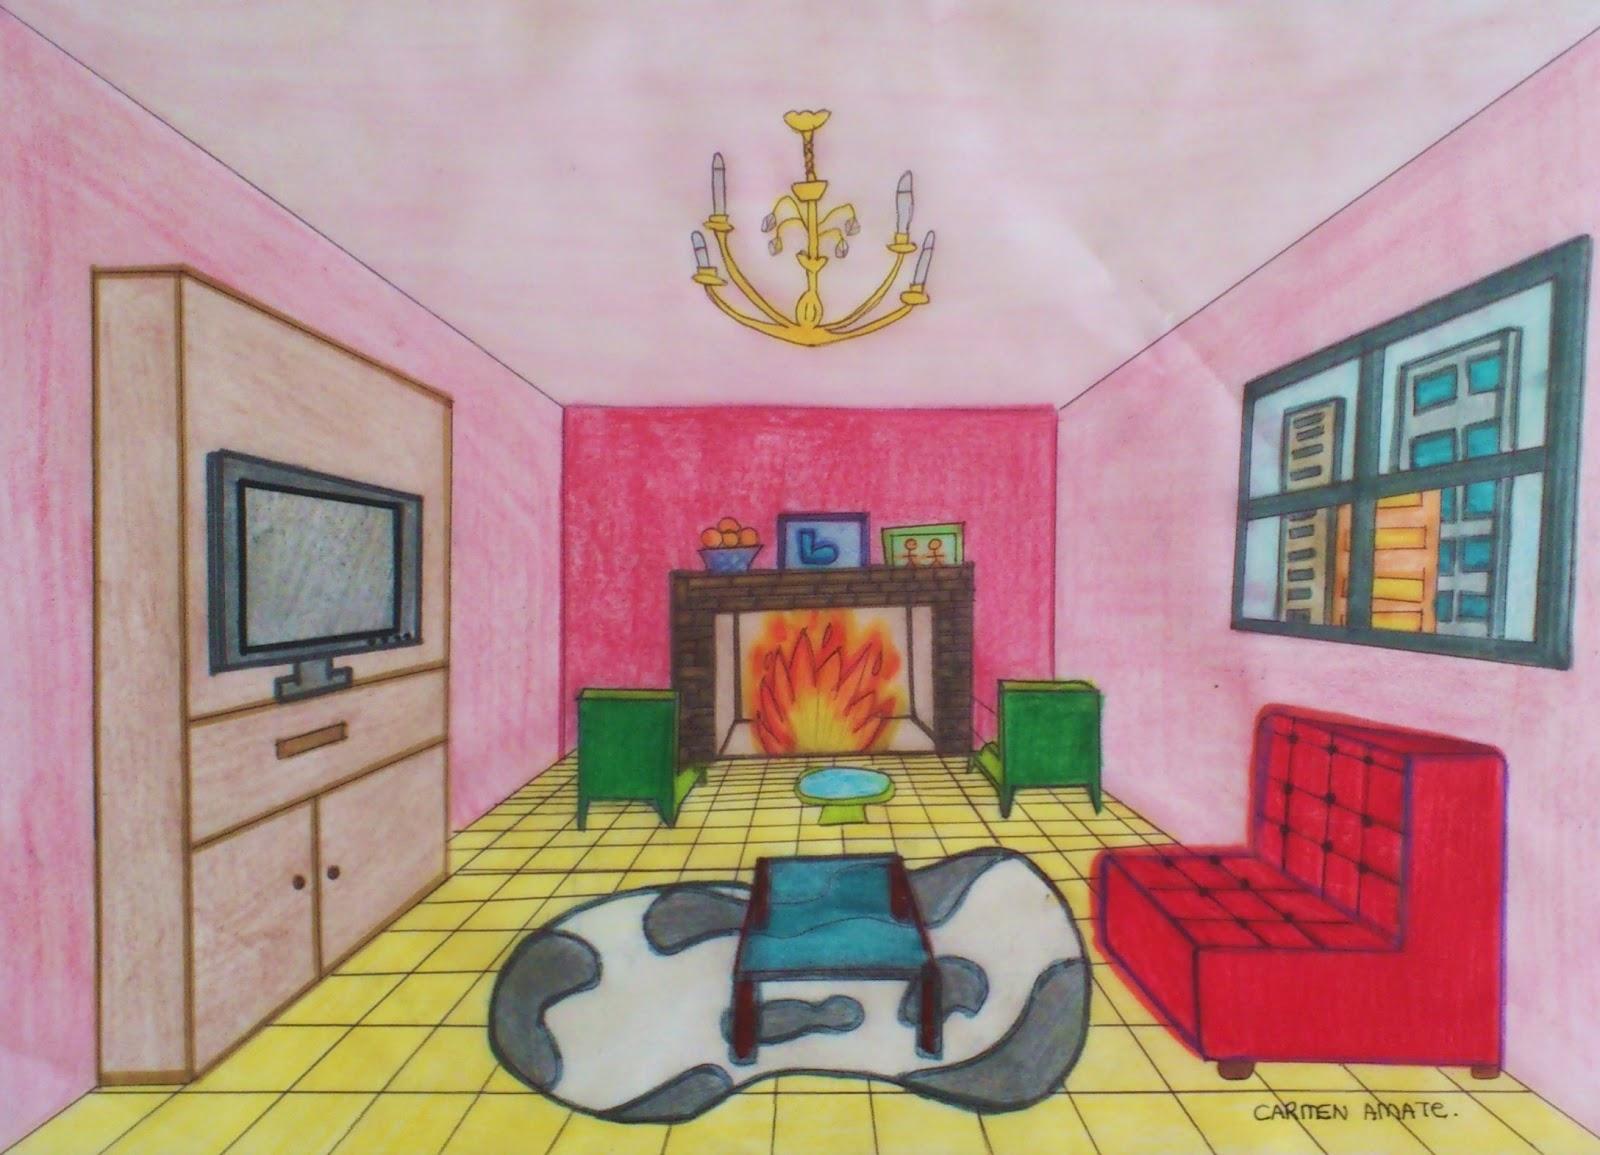 Qu arte quillo dise os de habitaciones en perspectivac nica frontal 2eso - Habitacion en perspectiva conica ...